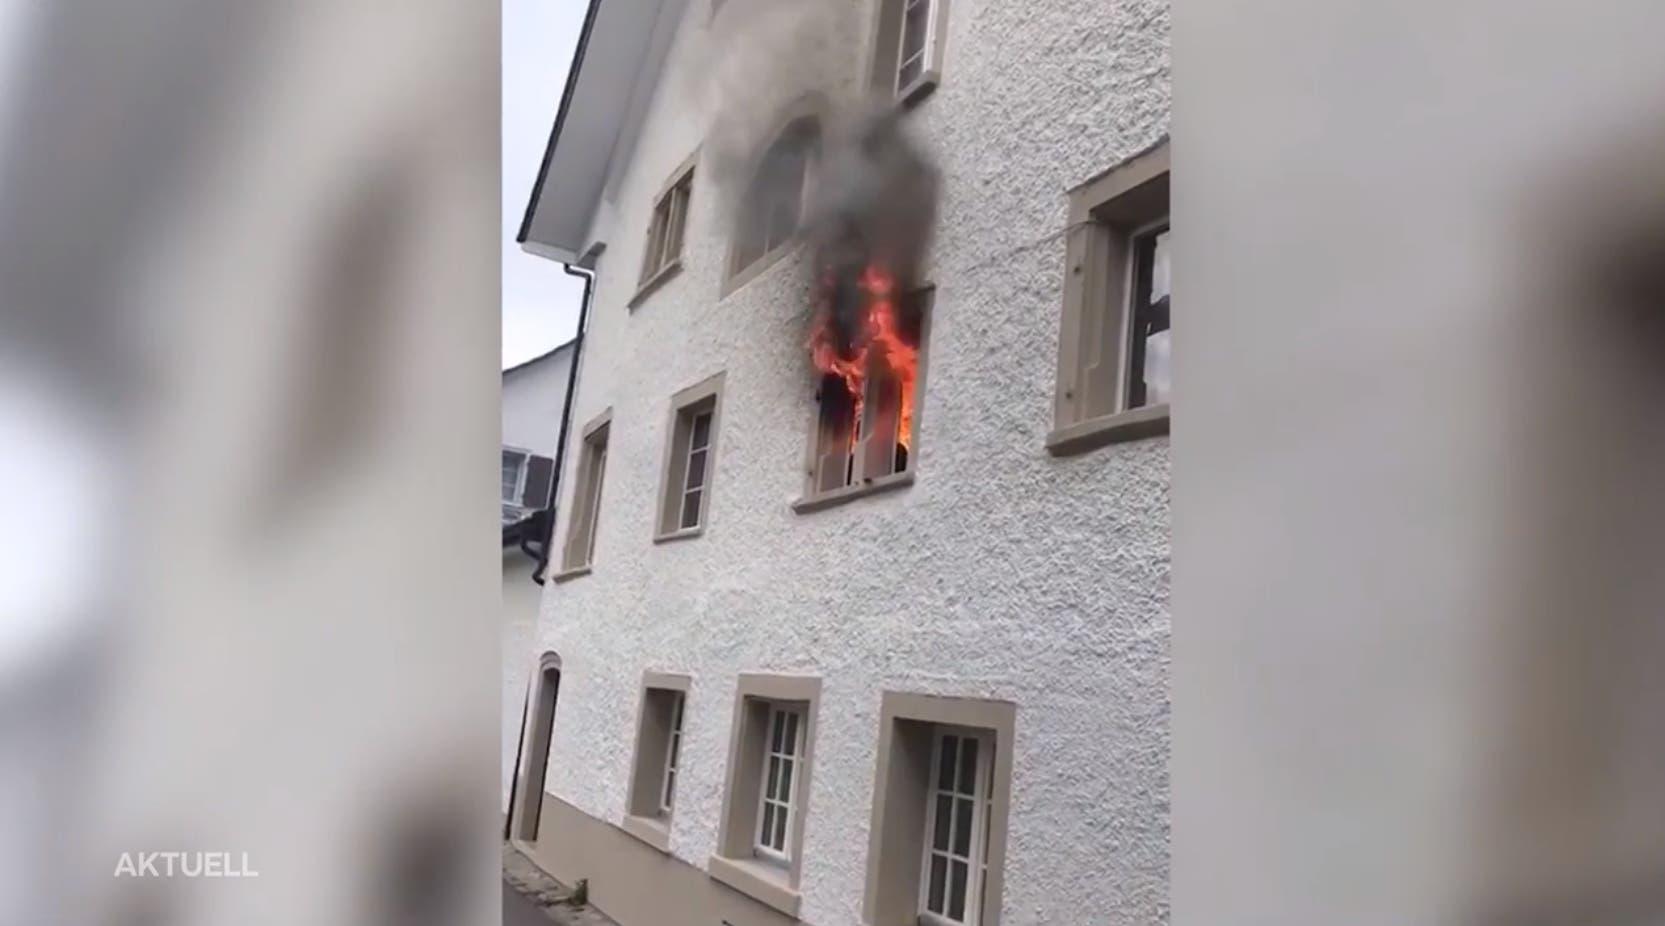 Dieser Screenshot eines Leservideos zeigt, wie die Flammen aus einem Fenster im ersten Stock schiessen. Hier dürfte der Brand ausgebrochen sein.